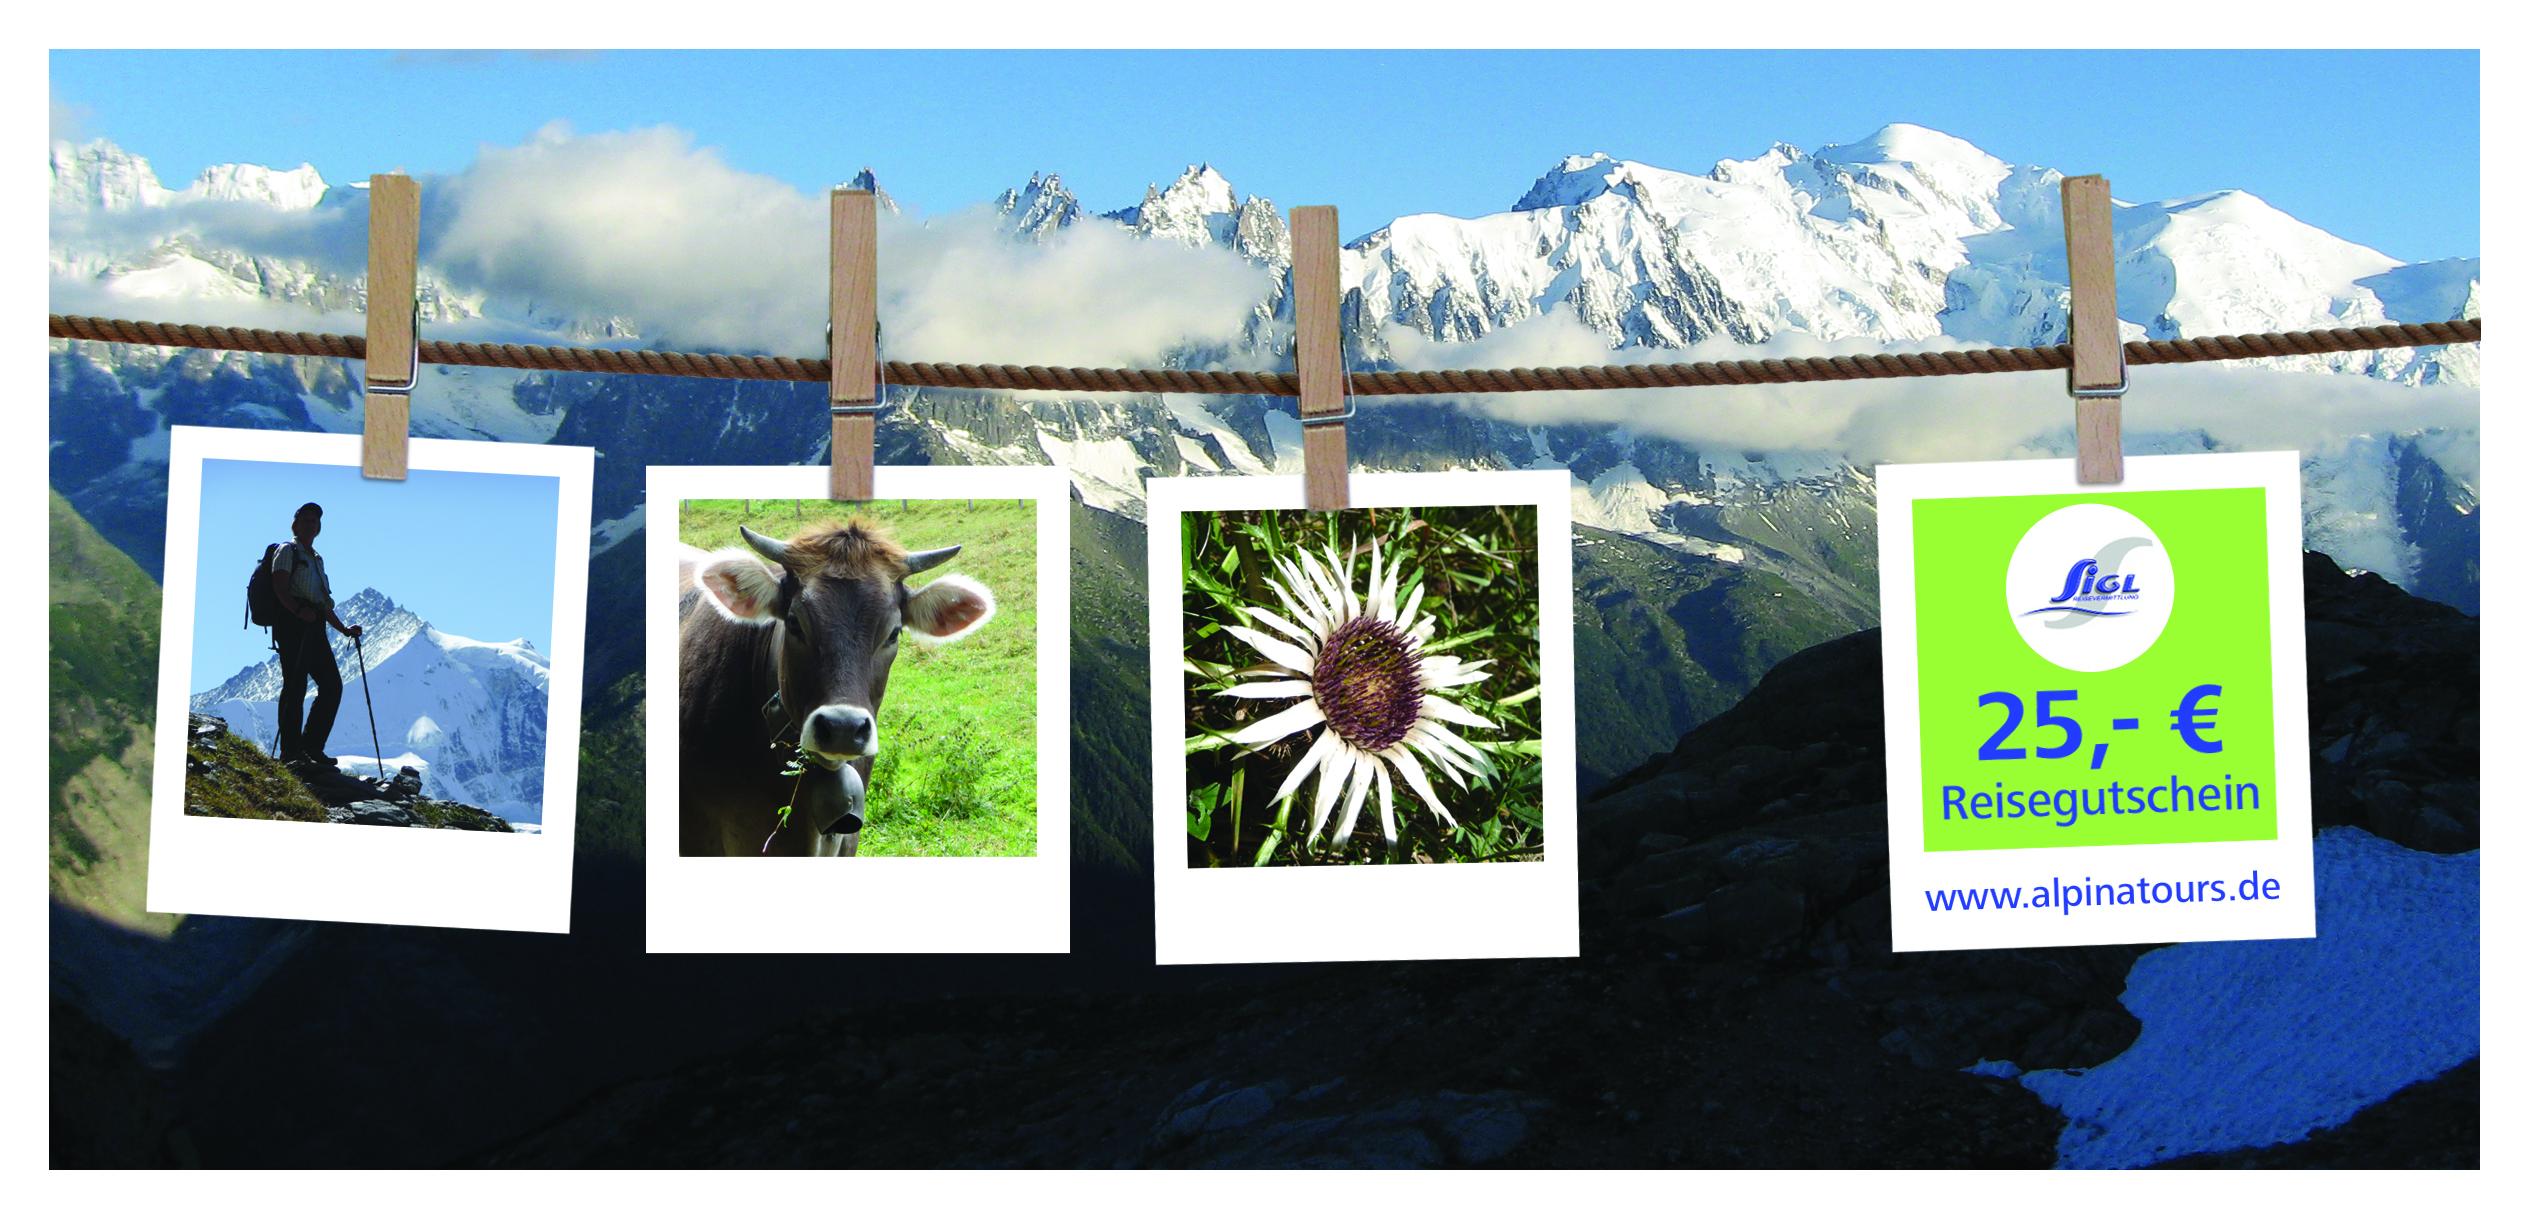 Reisegutschein Alpinatours